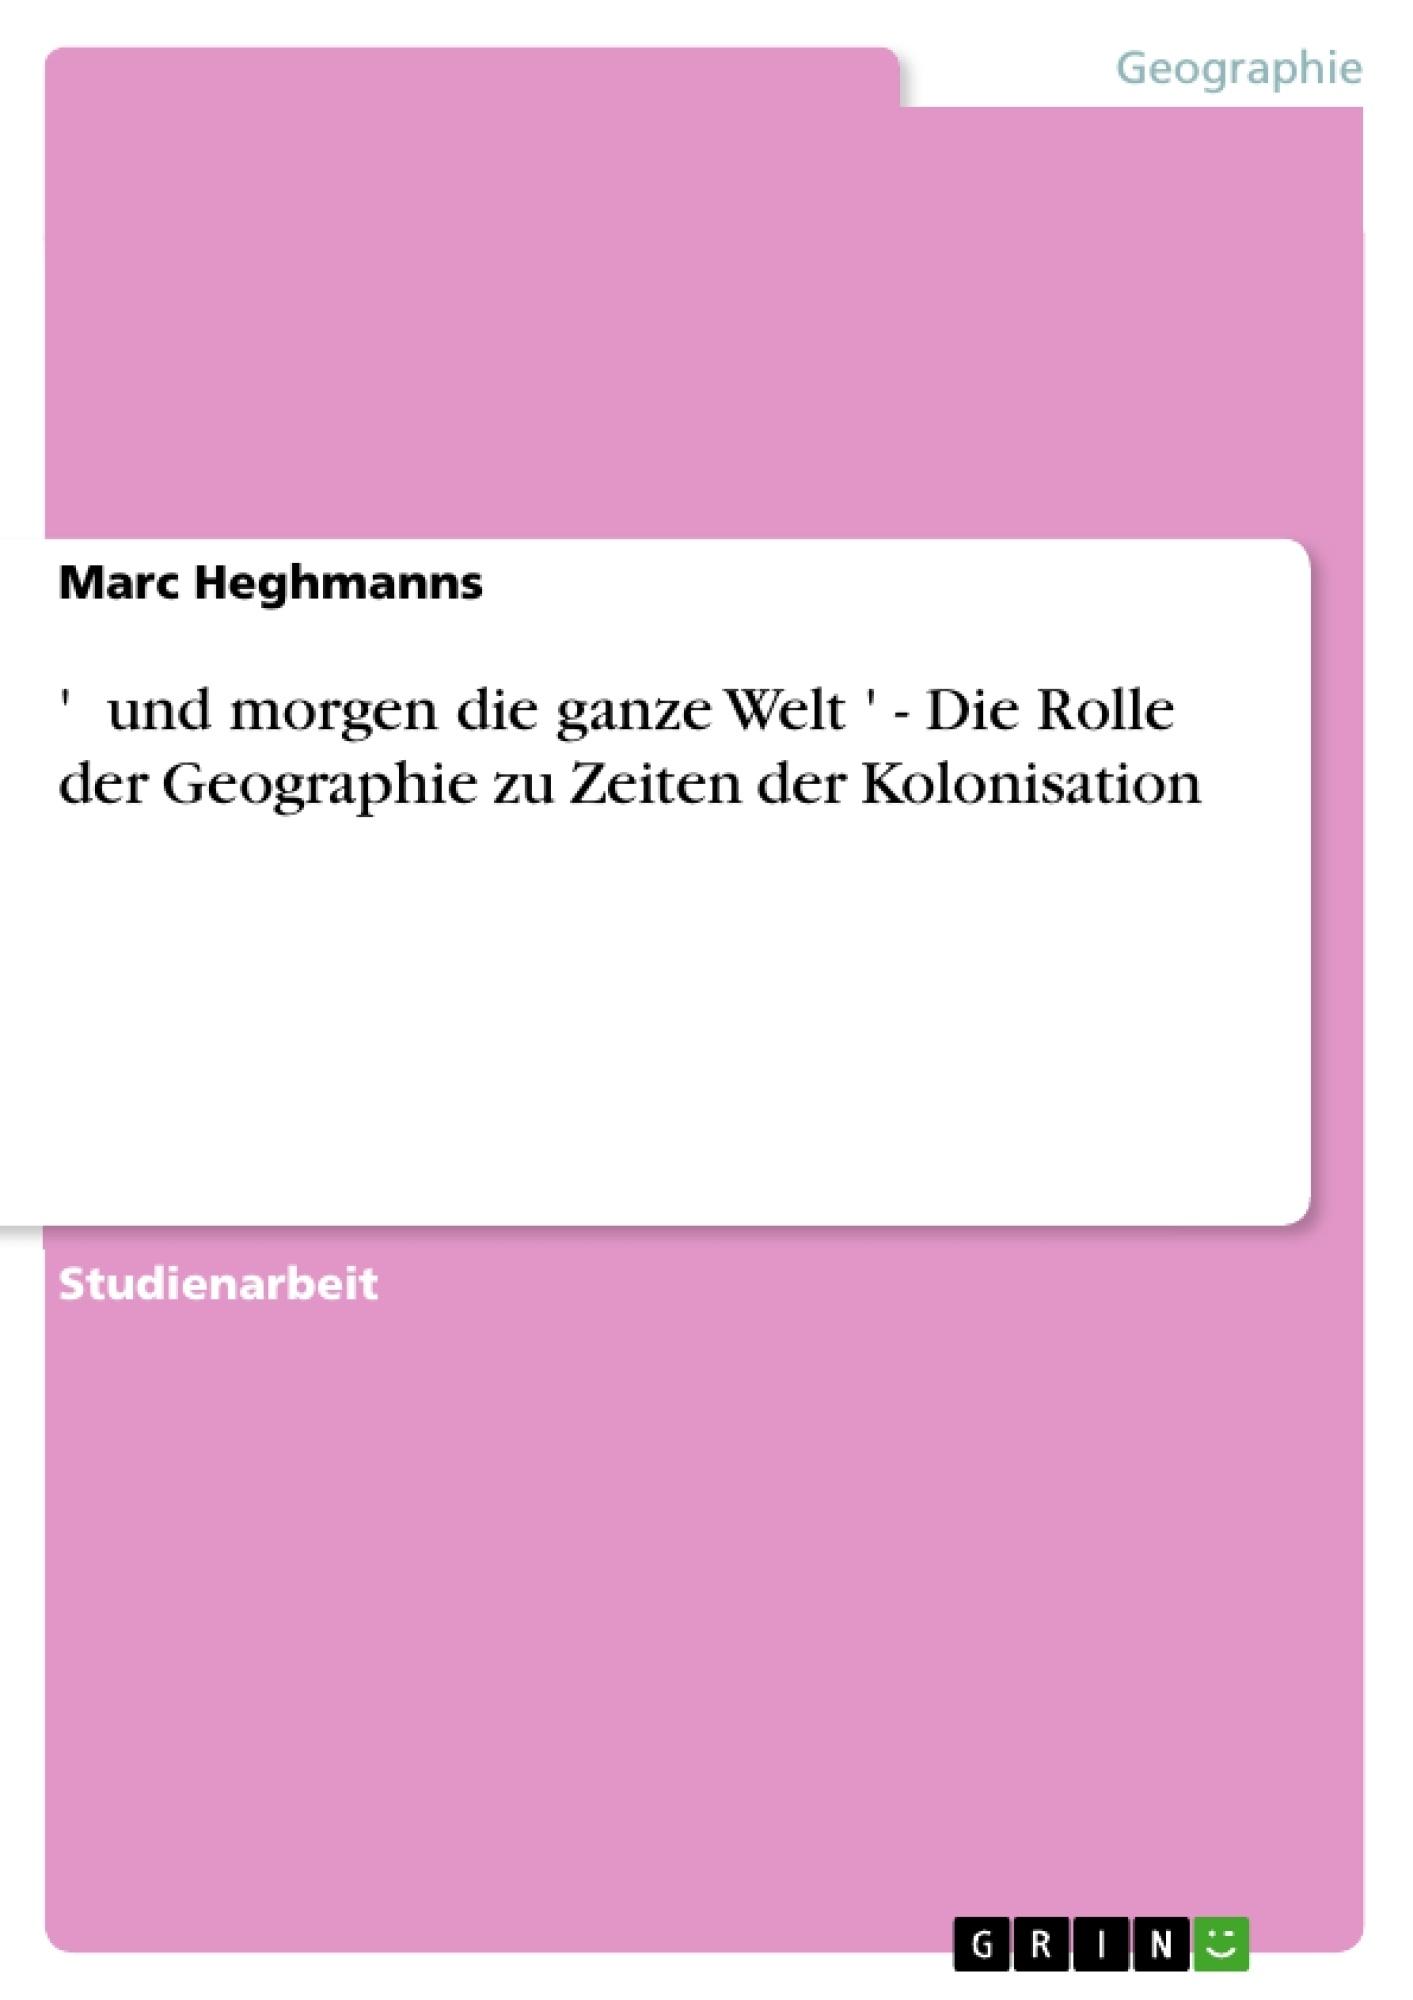 Titel: ' …und morgen die ganze Welt…' - Die Rolle der Geographie zu Zeiten der Kolonisation